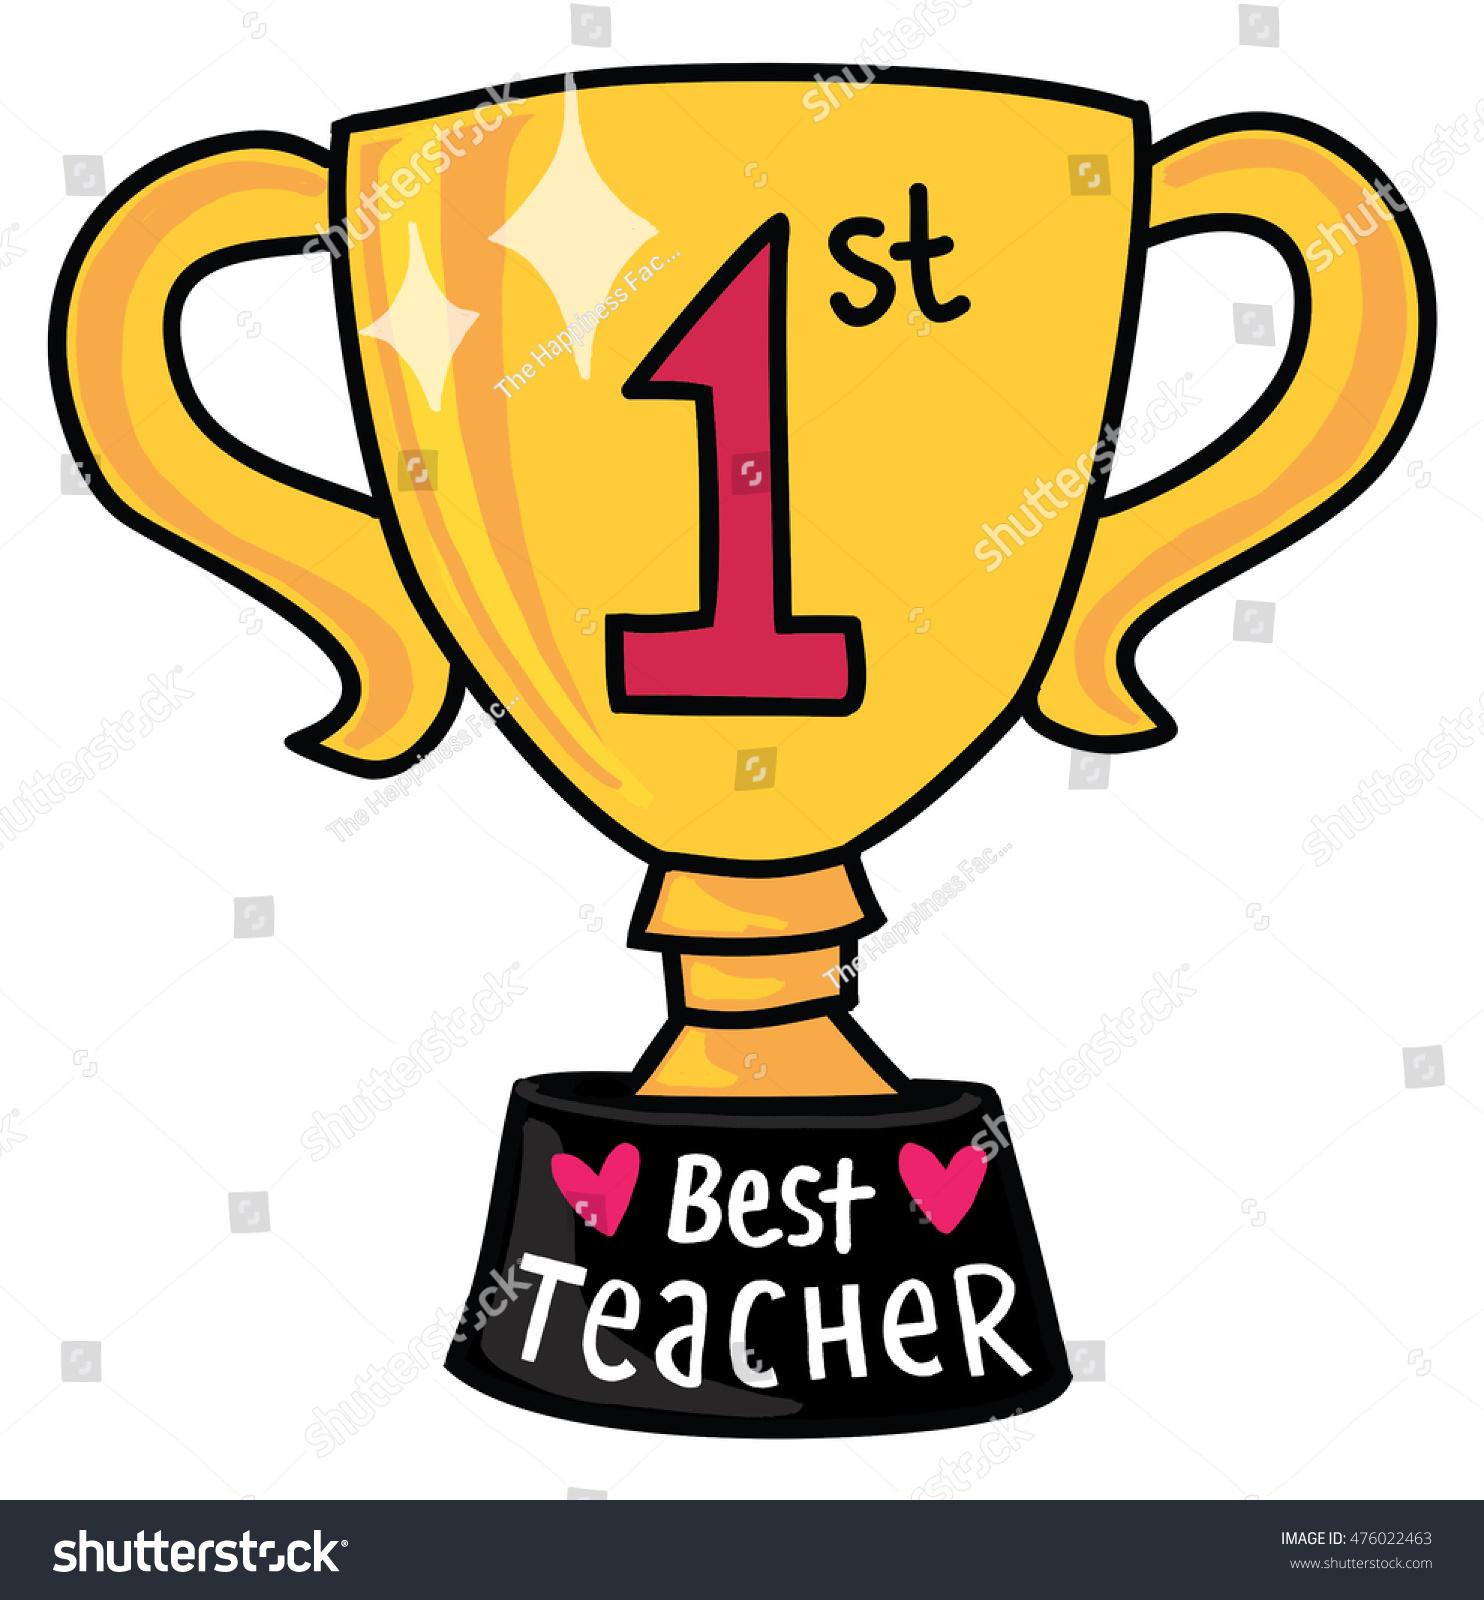 Best Teacher Award Clipart.